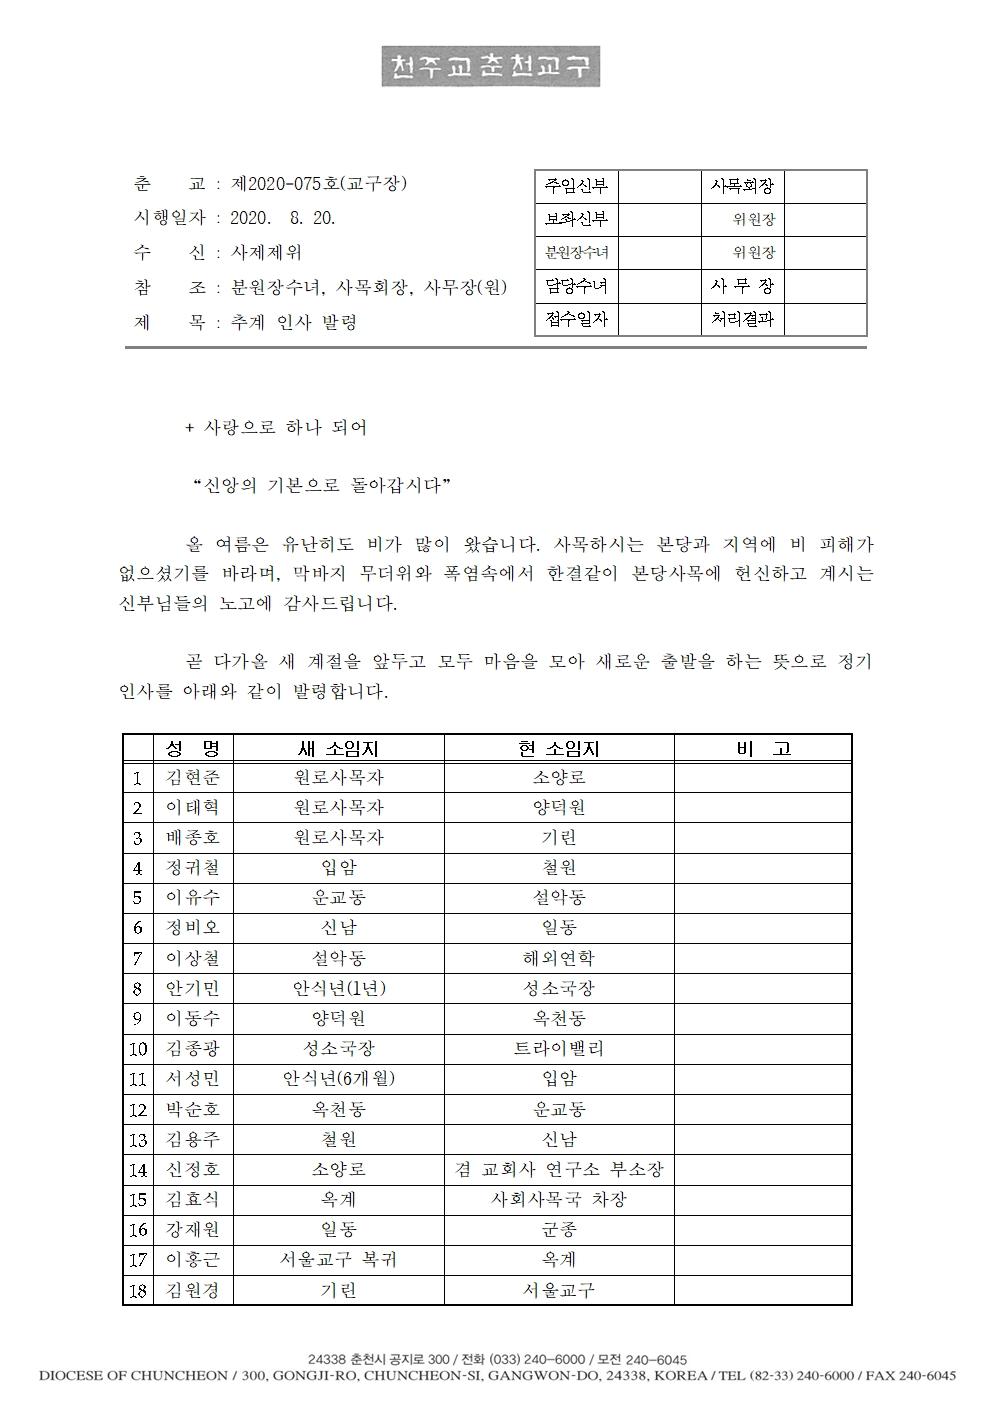 춘교 20-076호 추계 인사발령001.jpg